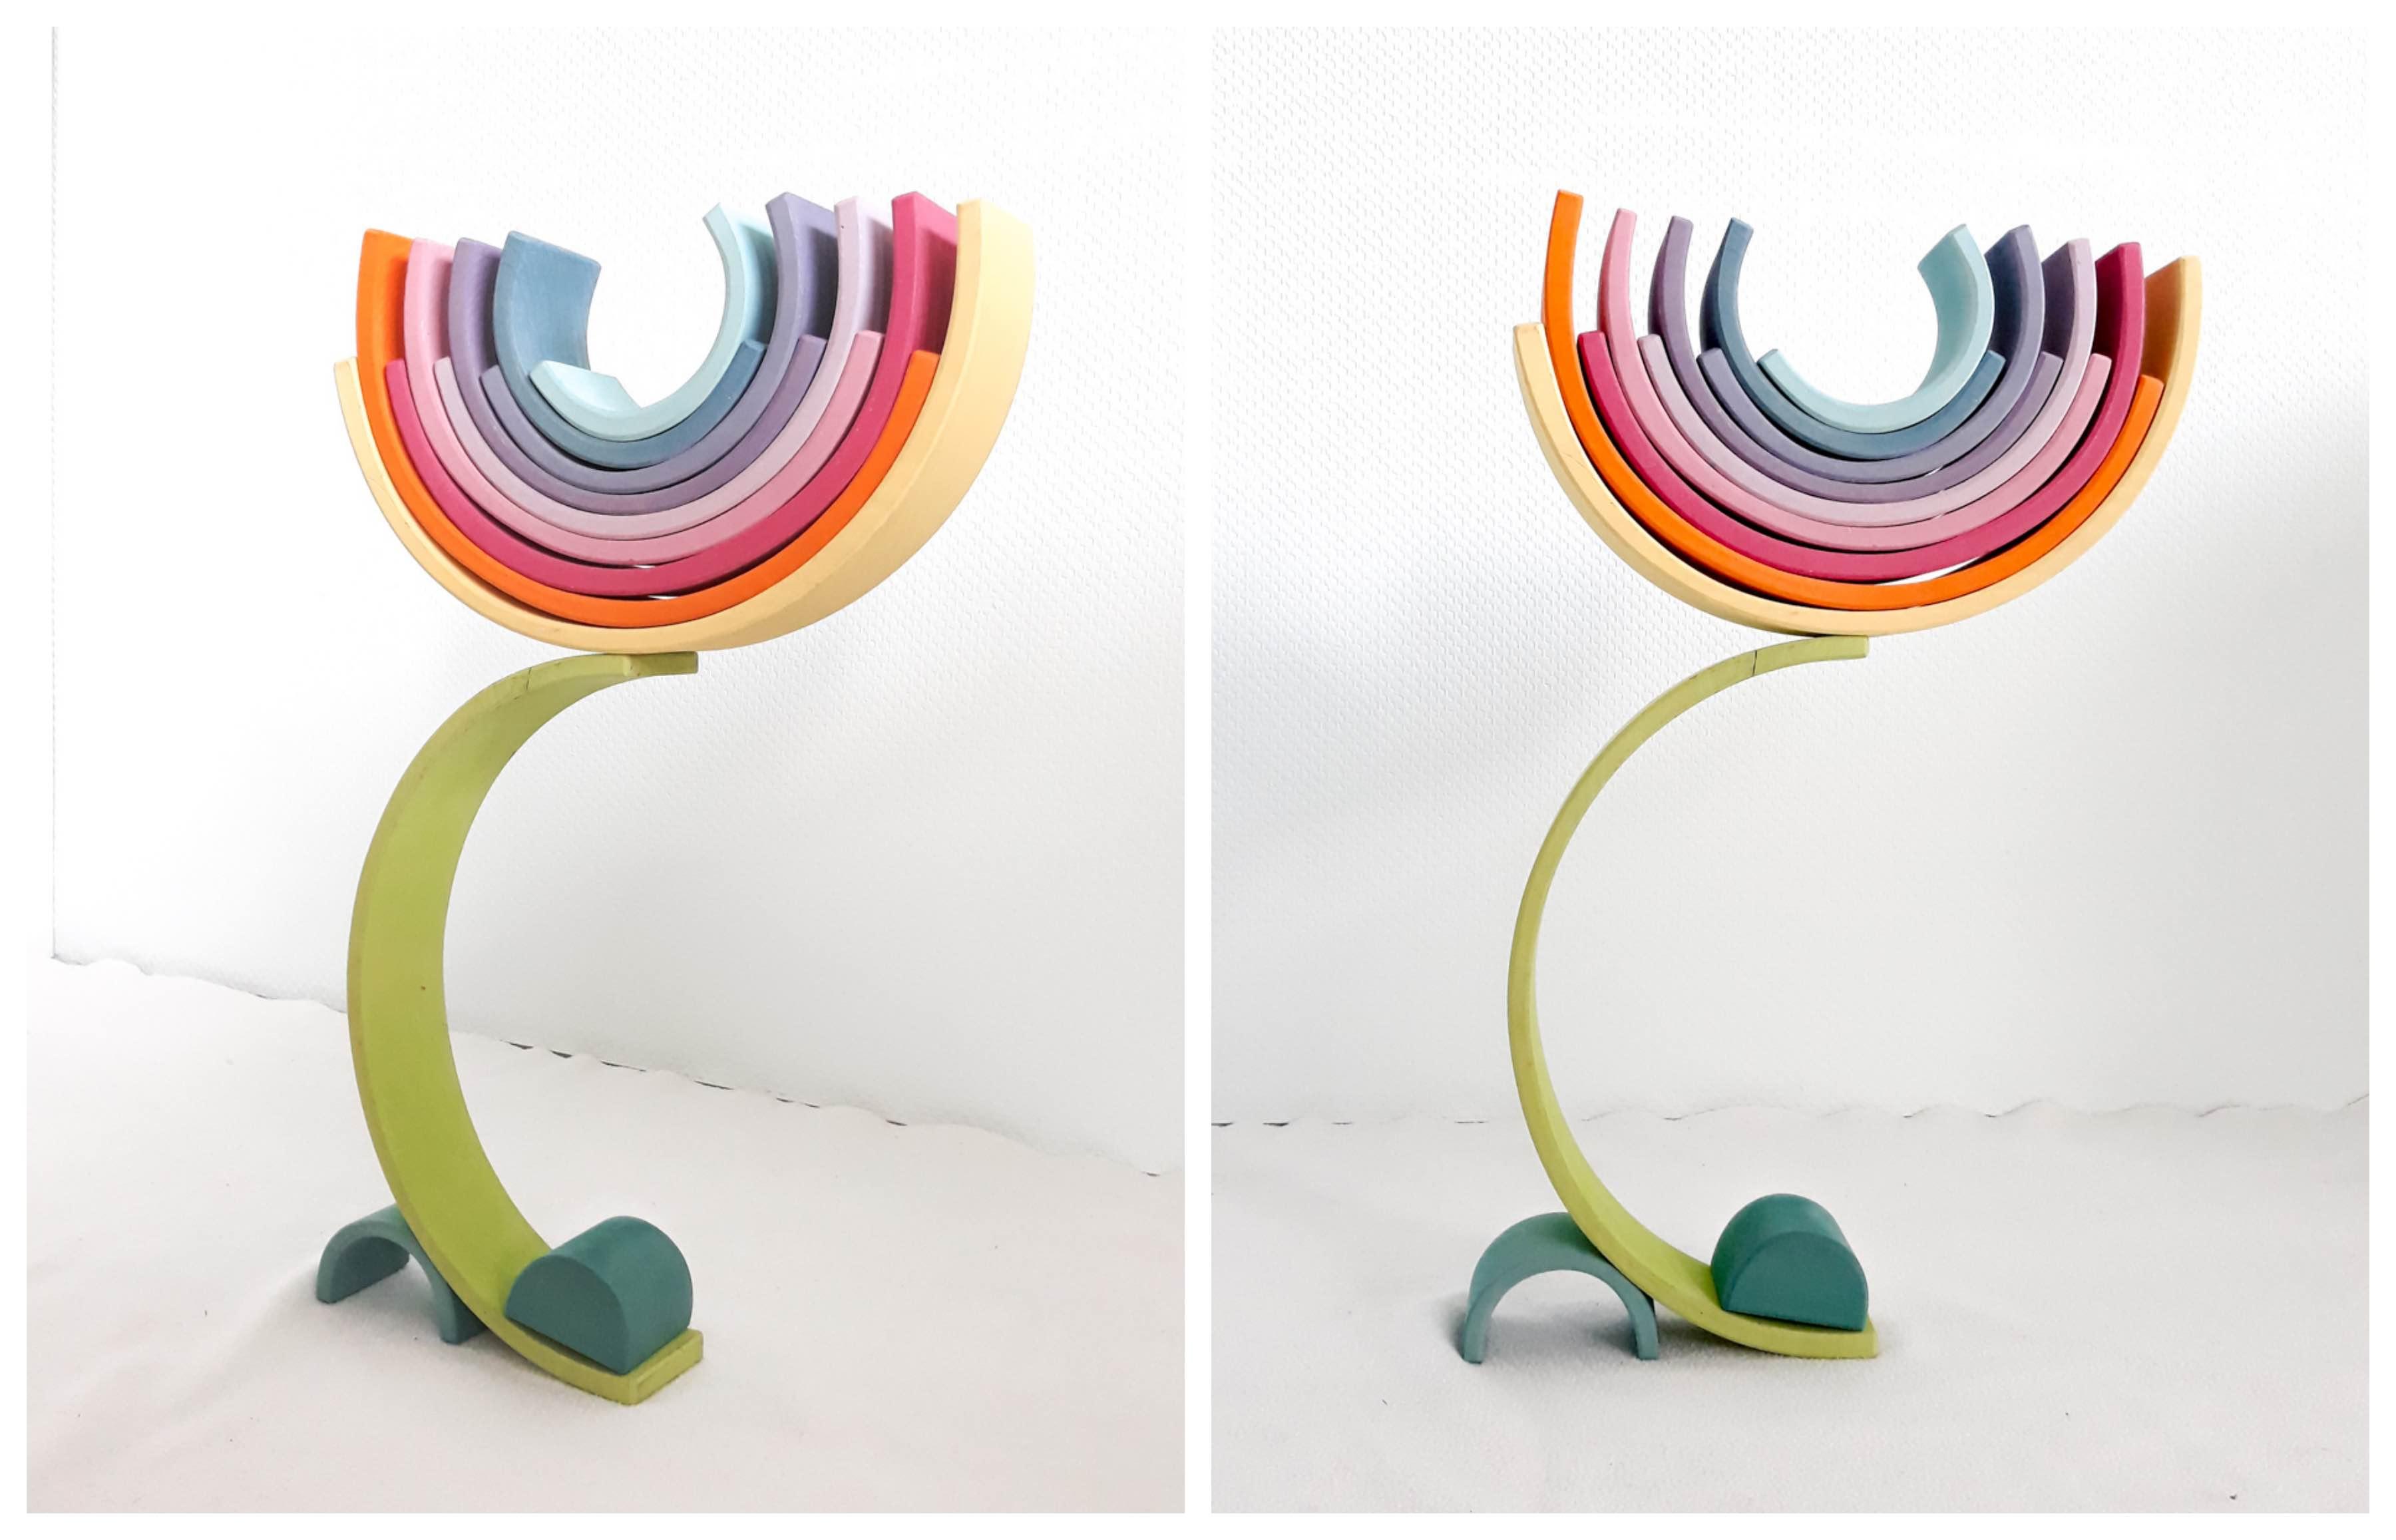 houten regenboog voorbeelden 3d bloem